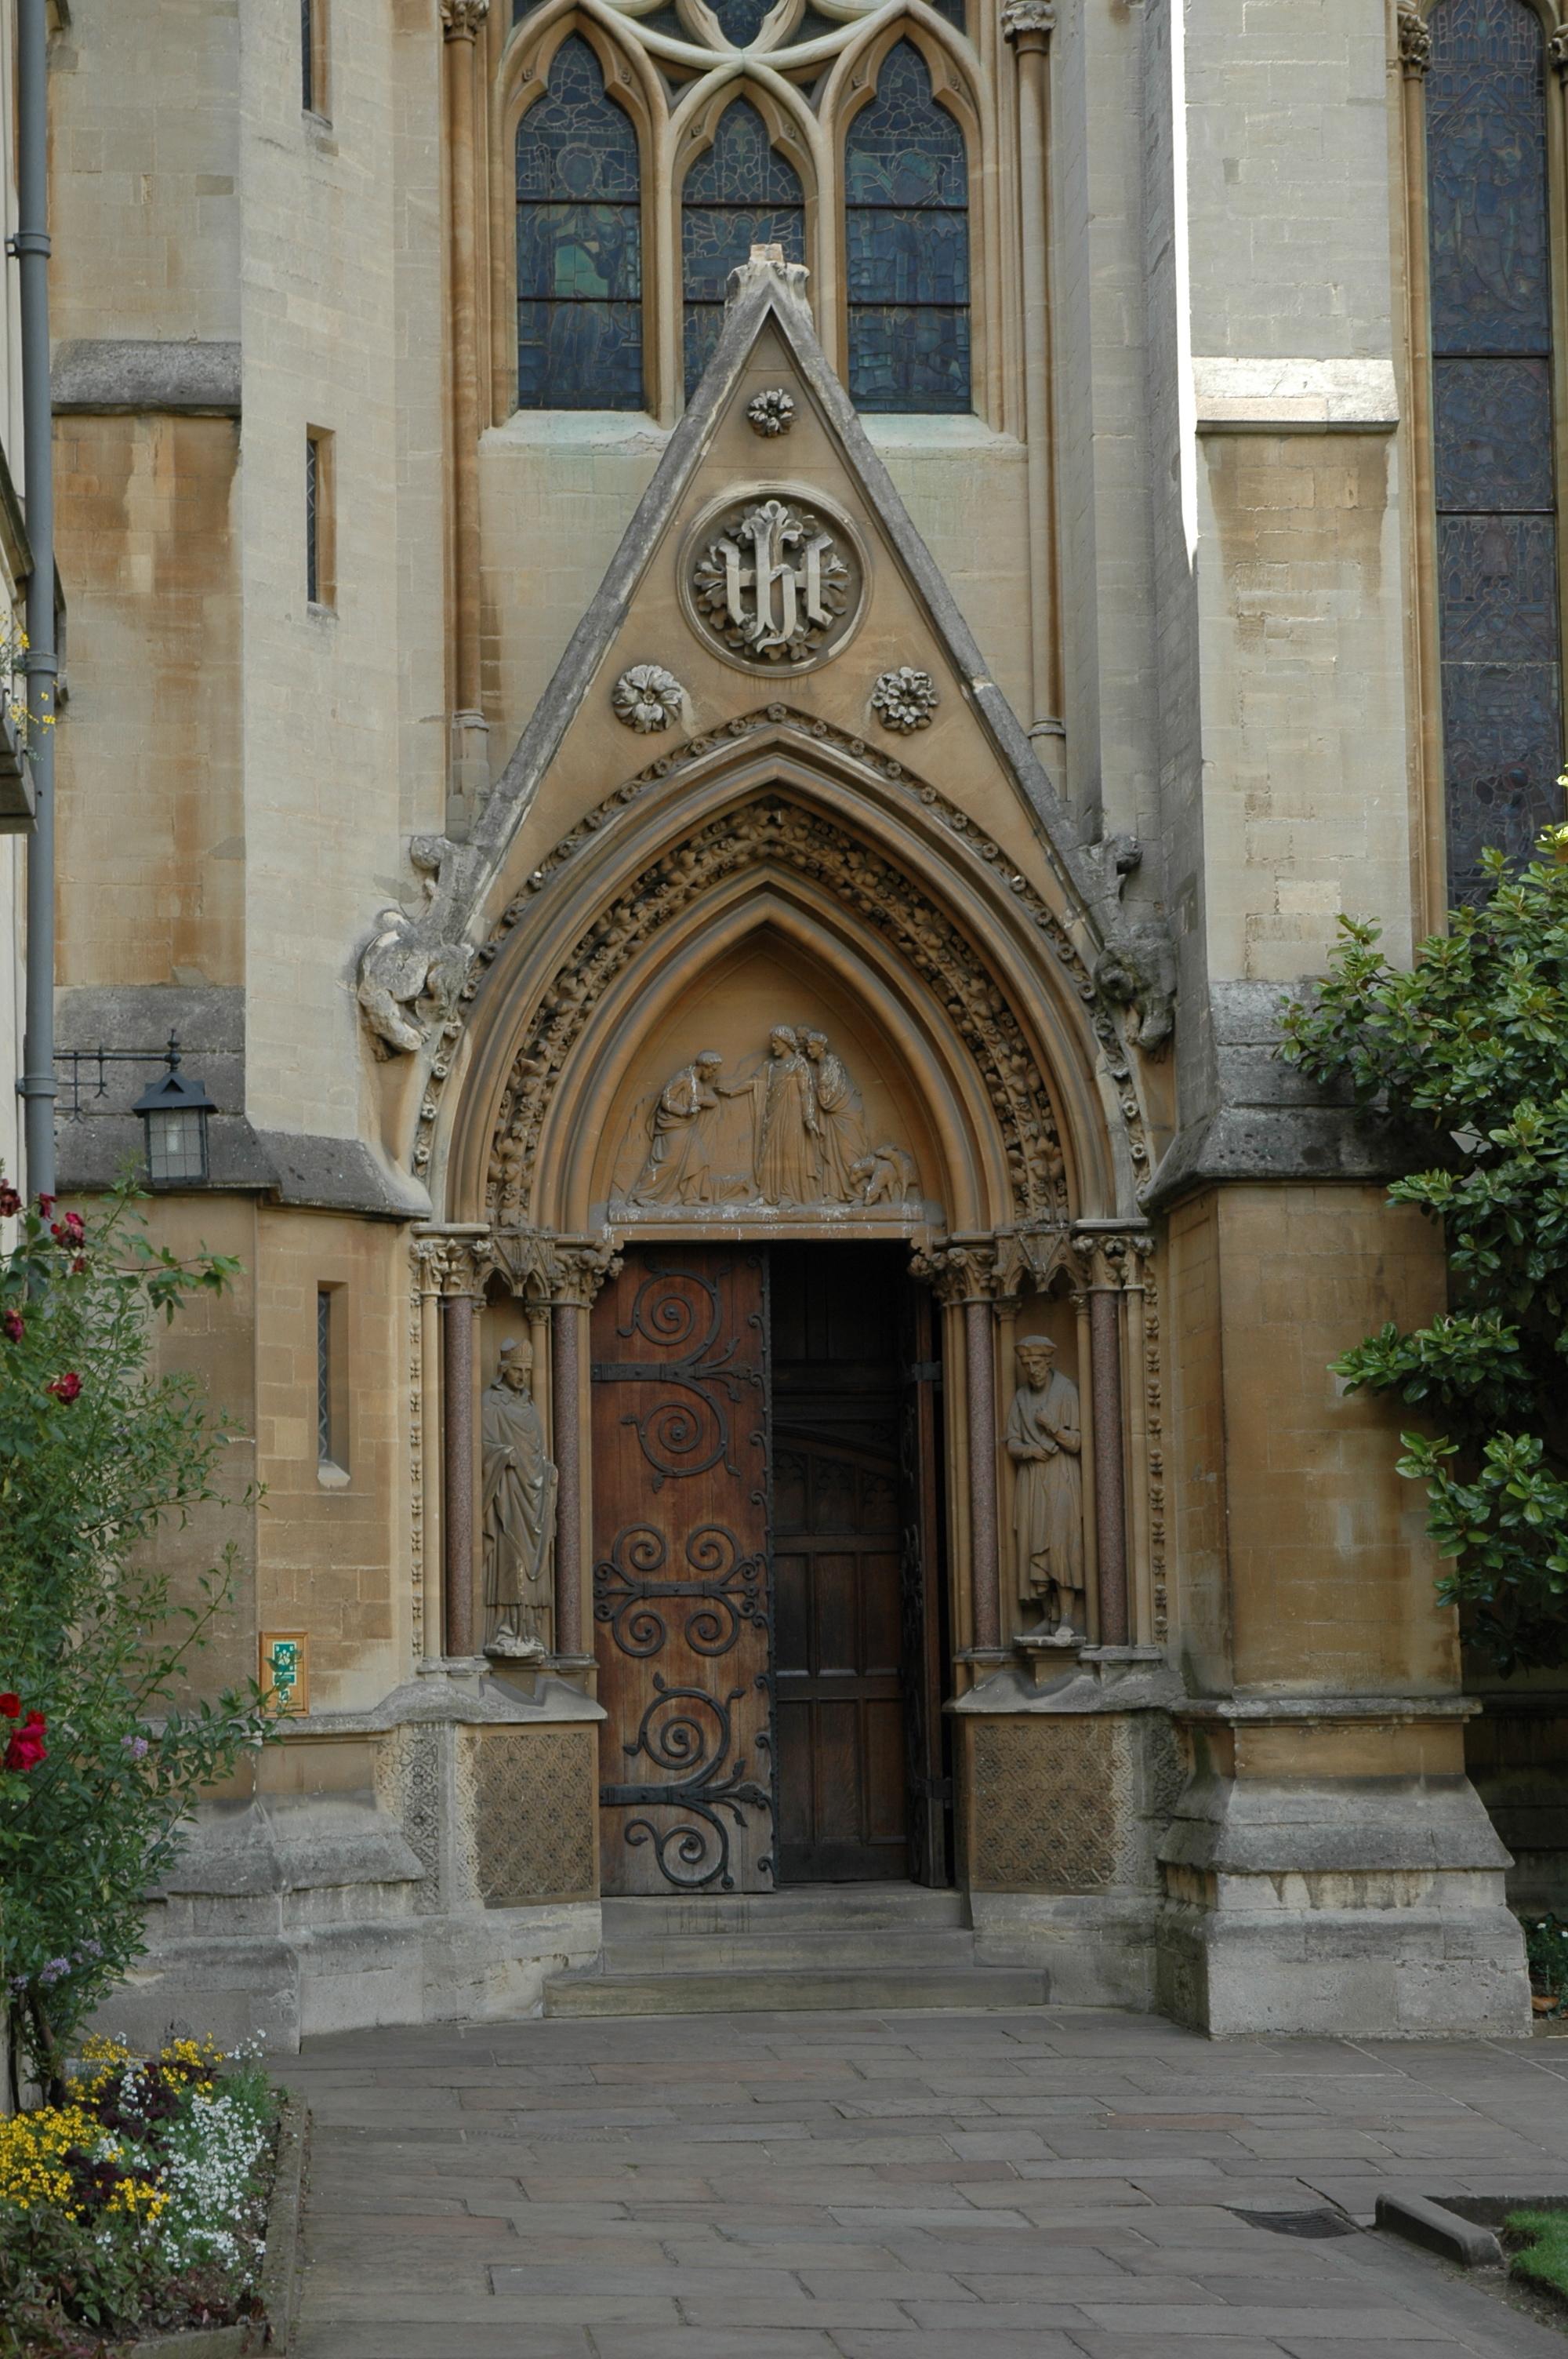 FileExeter College Oxford chapel door.jpg & File:Exeter College Oxford chapel door.jpg - Wikimedia Commons